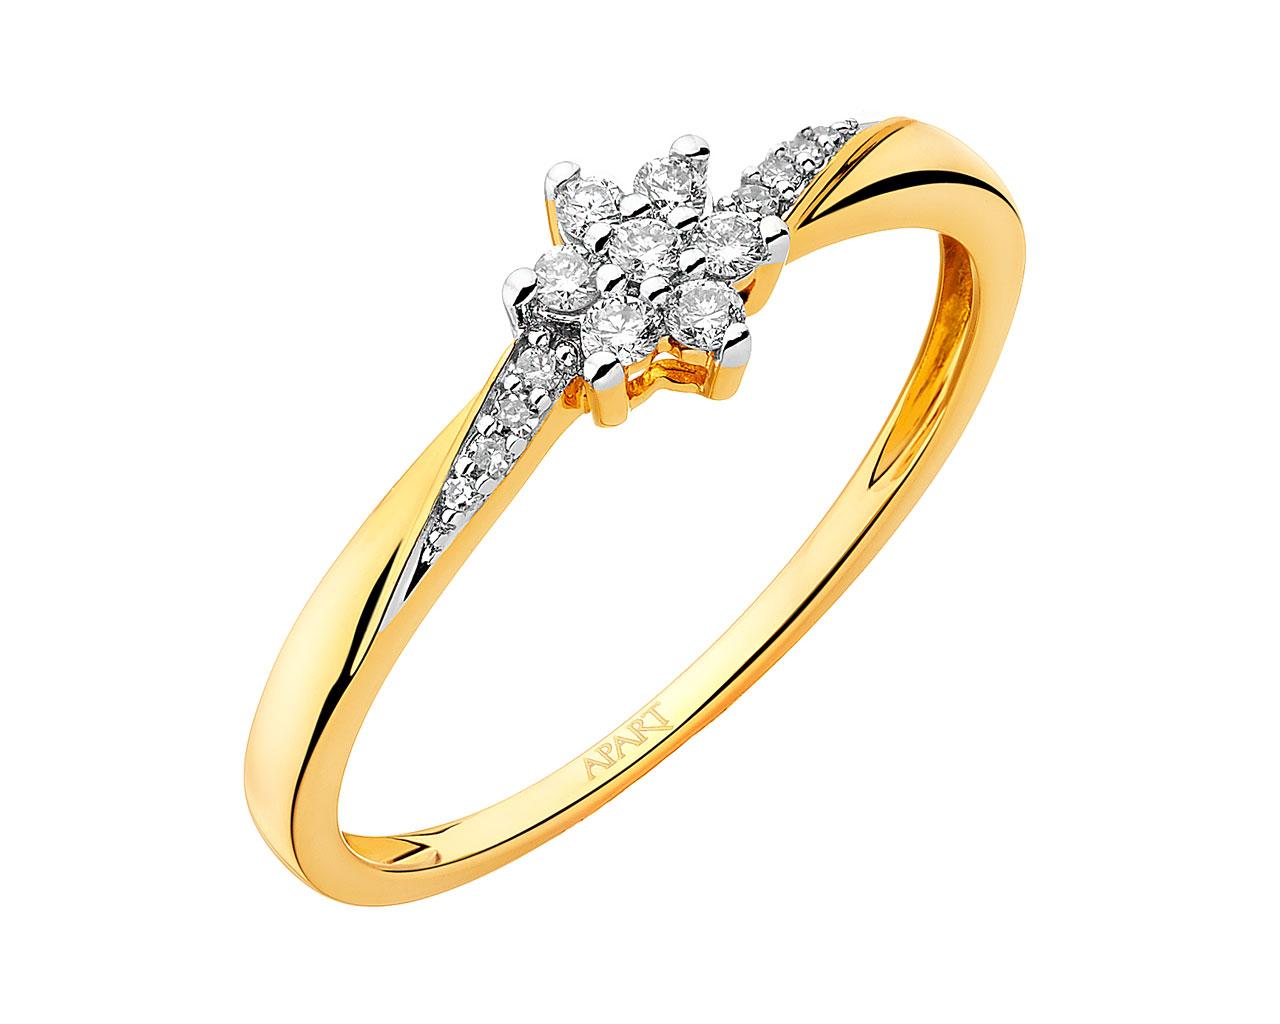 Pierścionek Z żółtego Złota Z Diamentami Wzór 105440 Apart